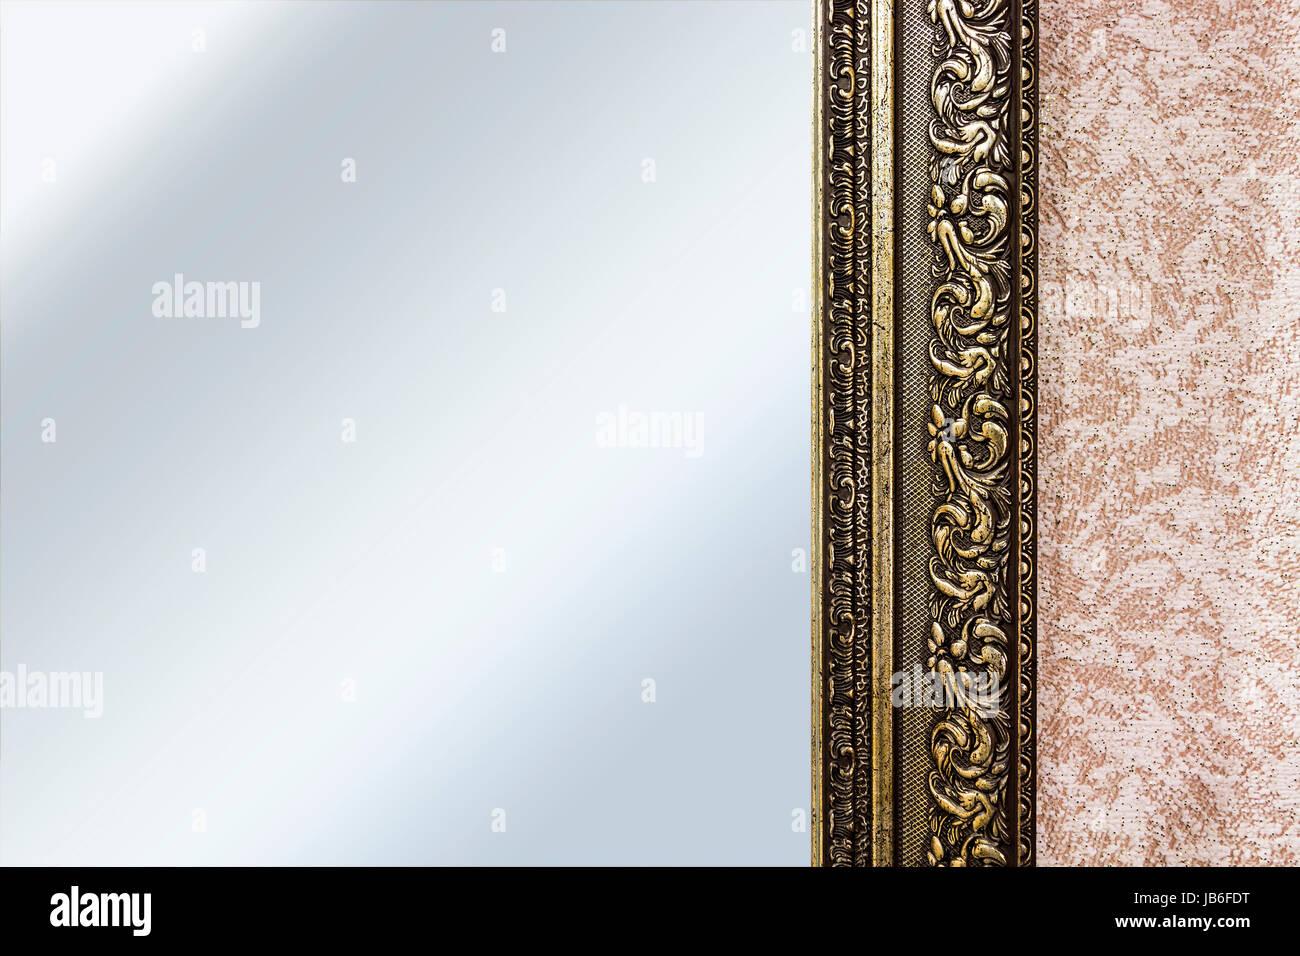 Bestandteil der Spiegel-Rahmen-Nahaufnahme Stockfoto, Bild ...